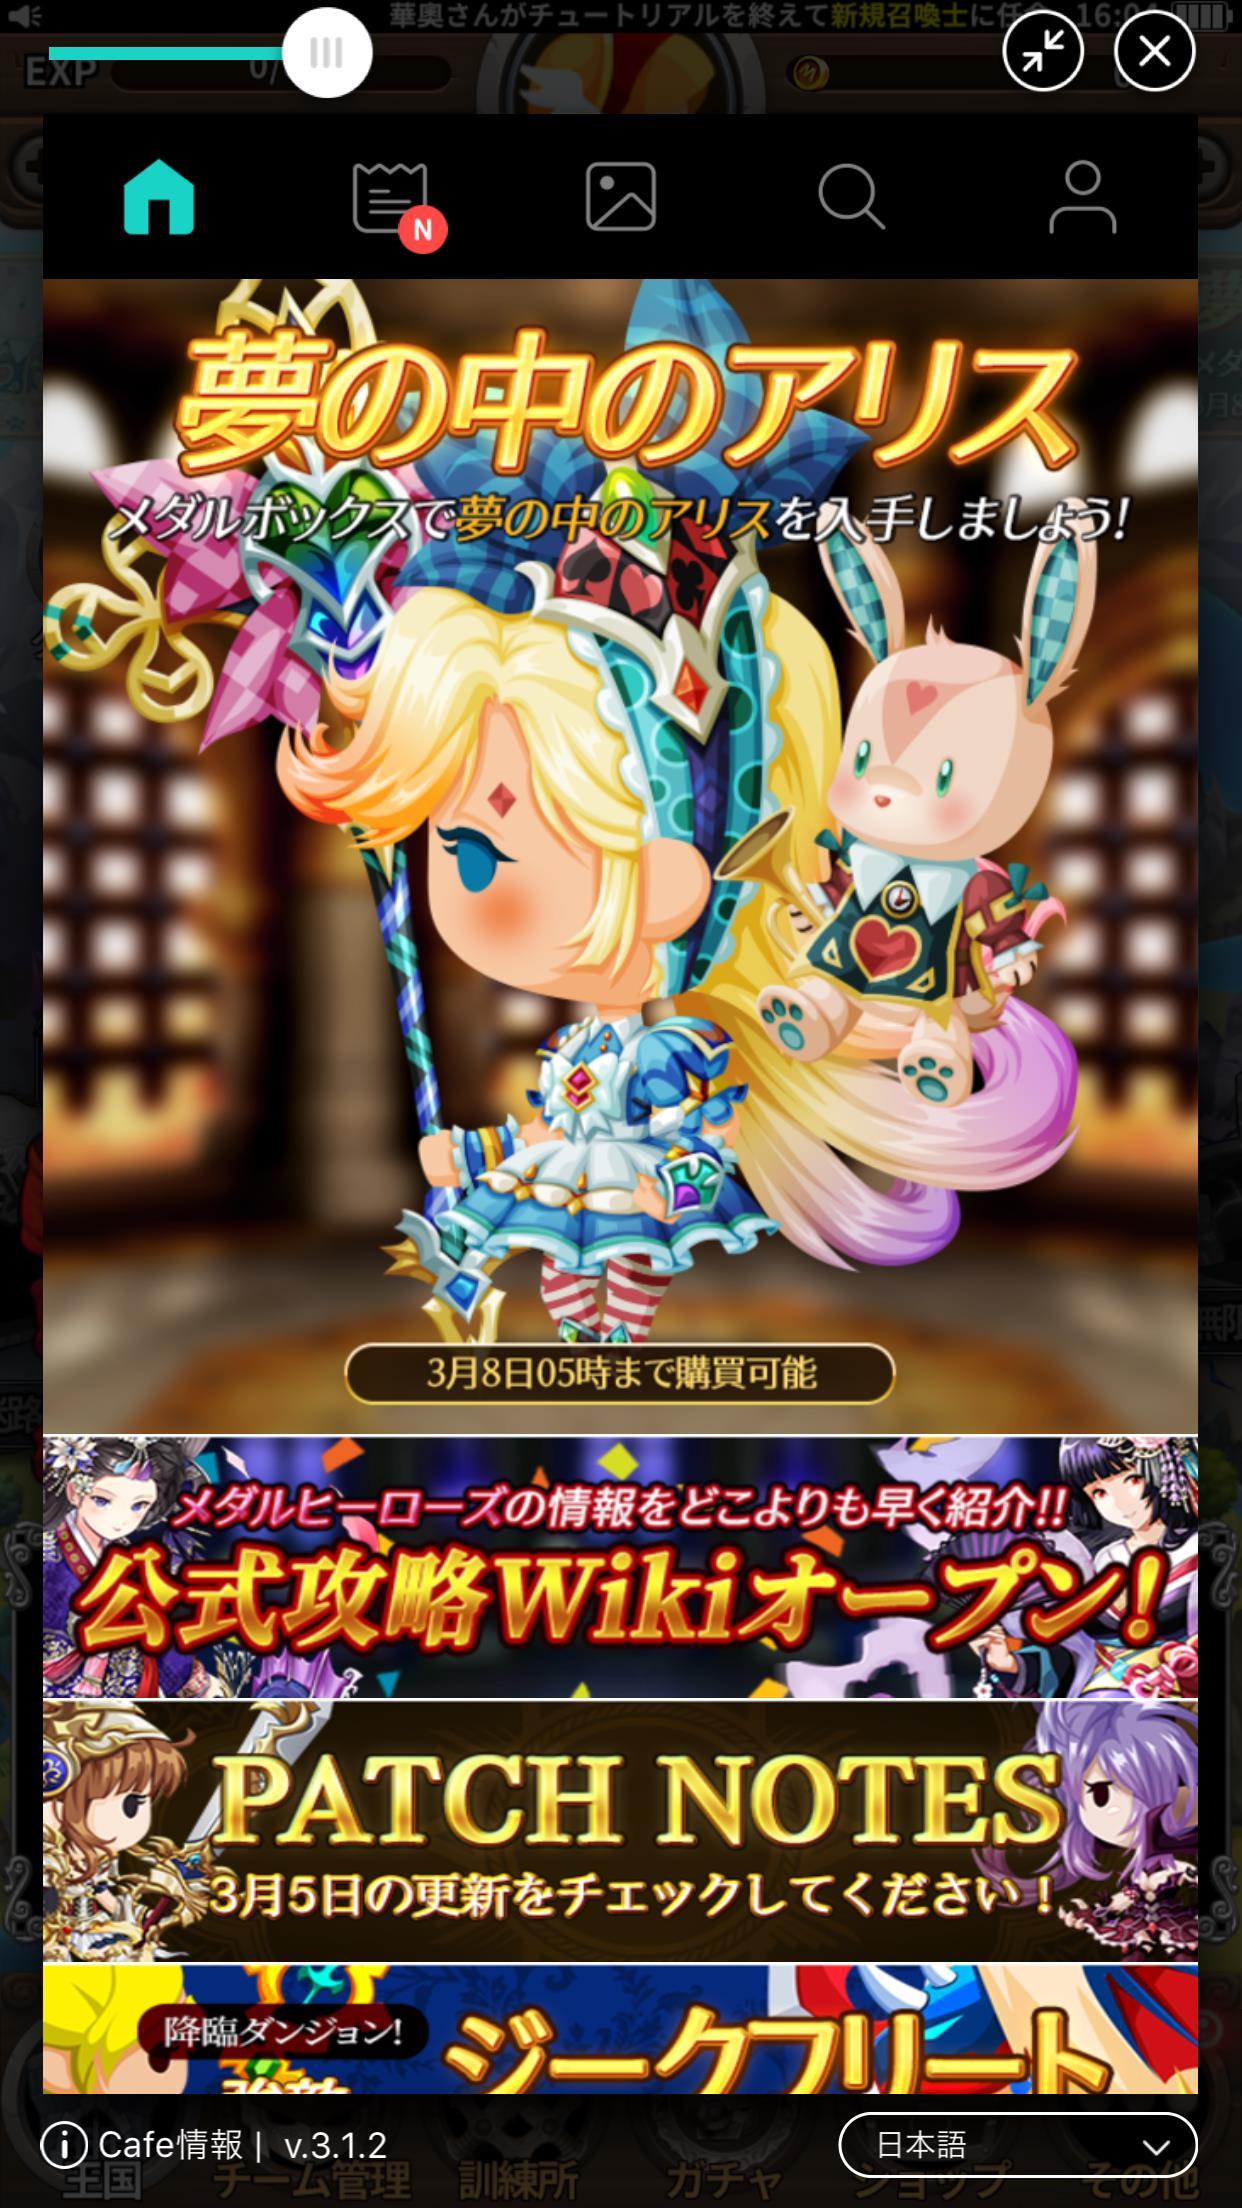 「メダルヒーローズ」のキャラクター「夢の中のアリス」